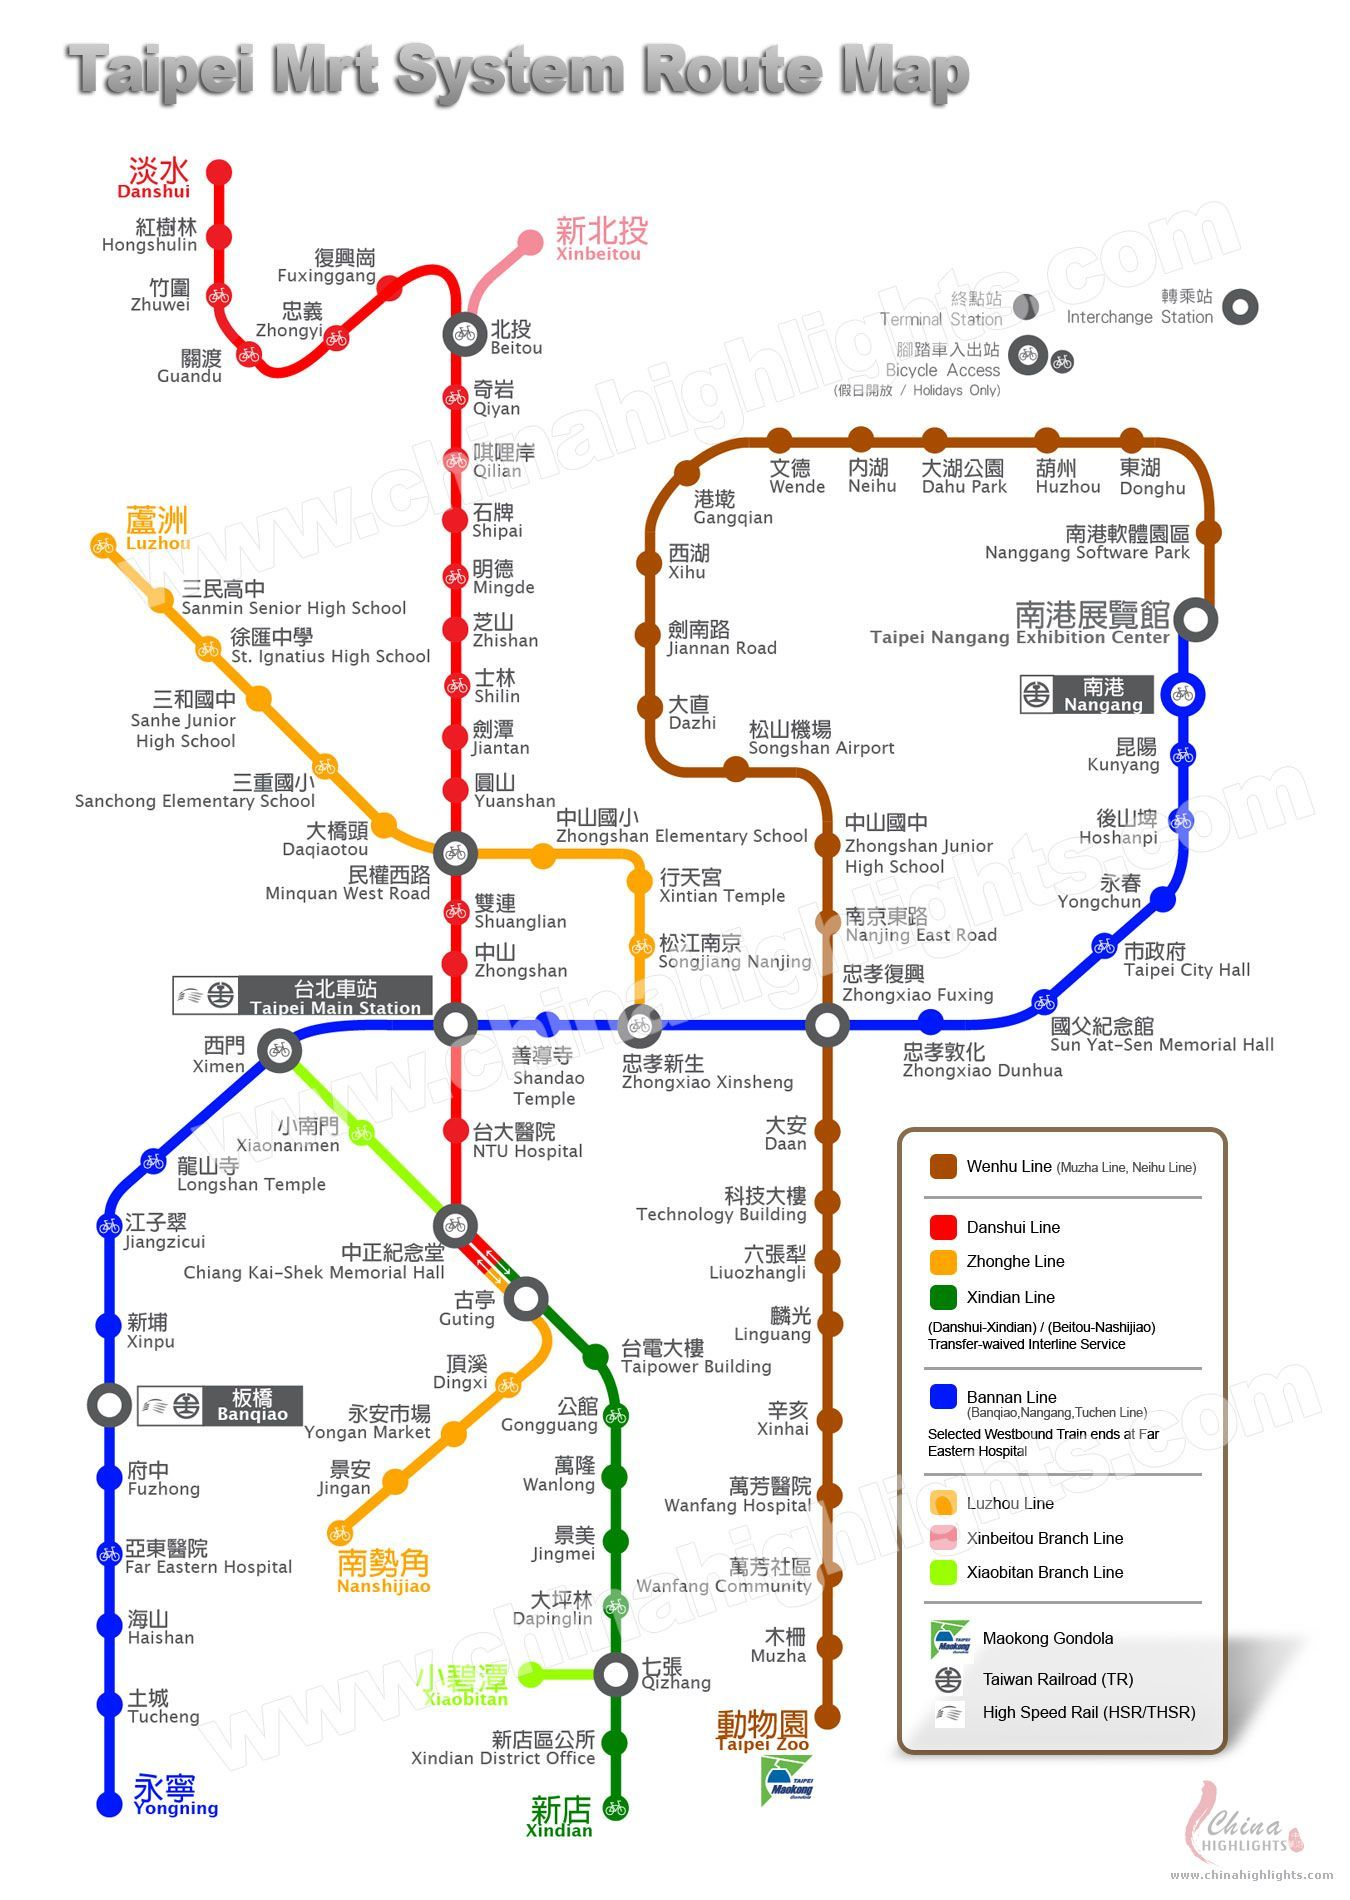 Nyc Subway Map 2014.Taipei Subway Map Taiwan 2014 2019